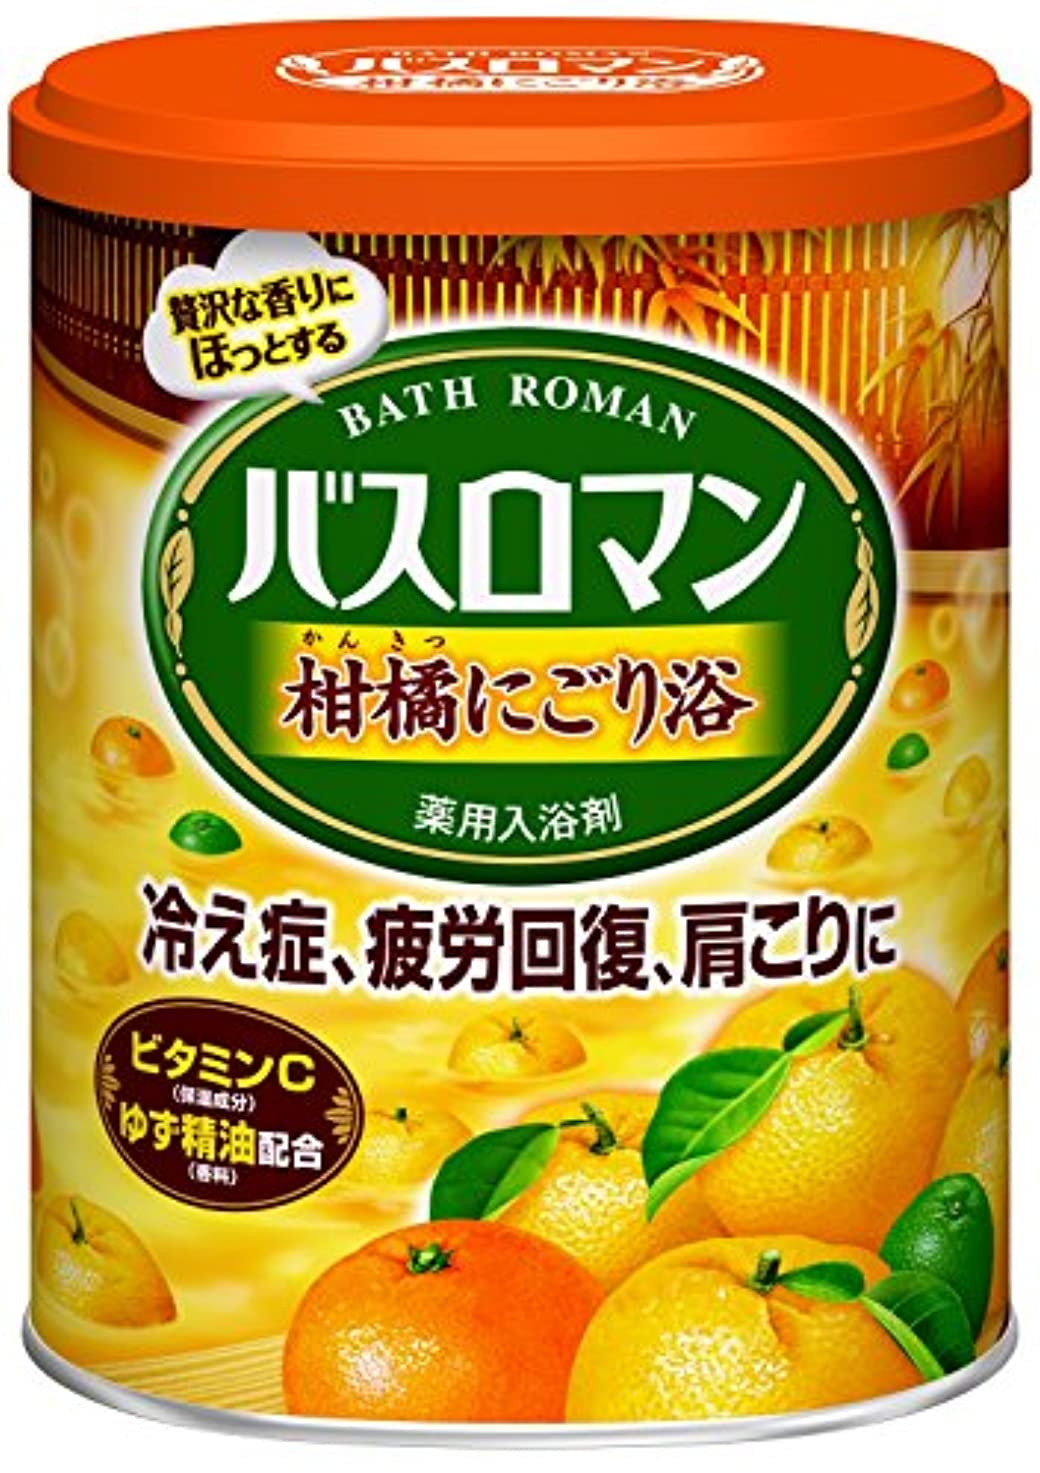 屋内ノイズ侵入するバスロマン柑橘にごり浴680